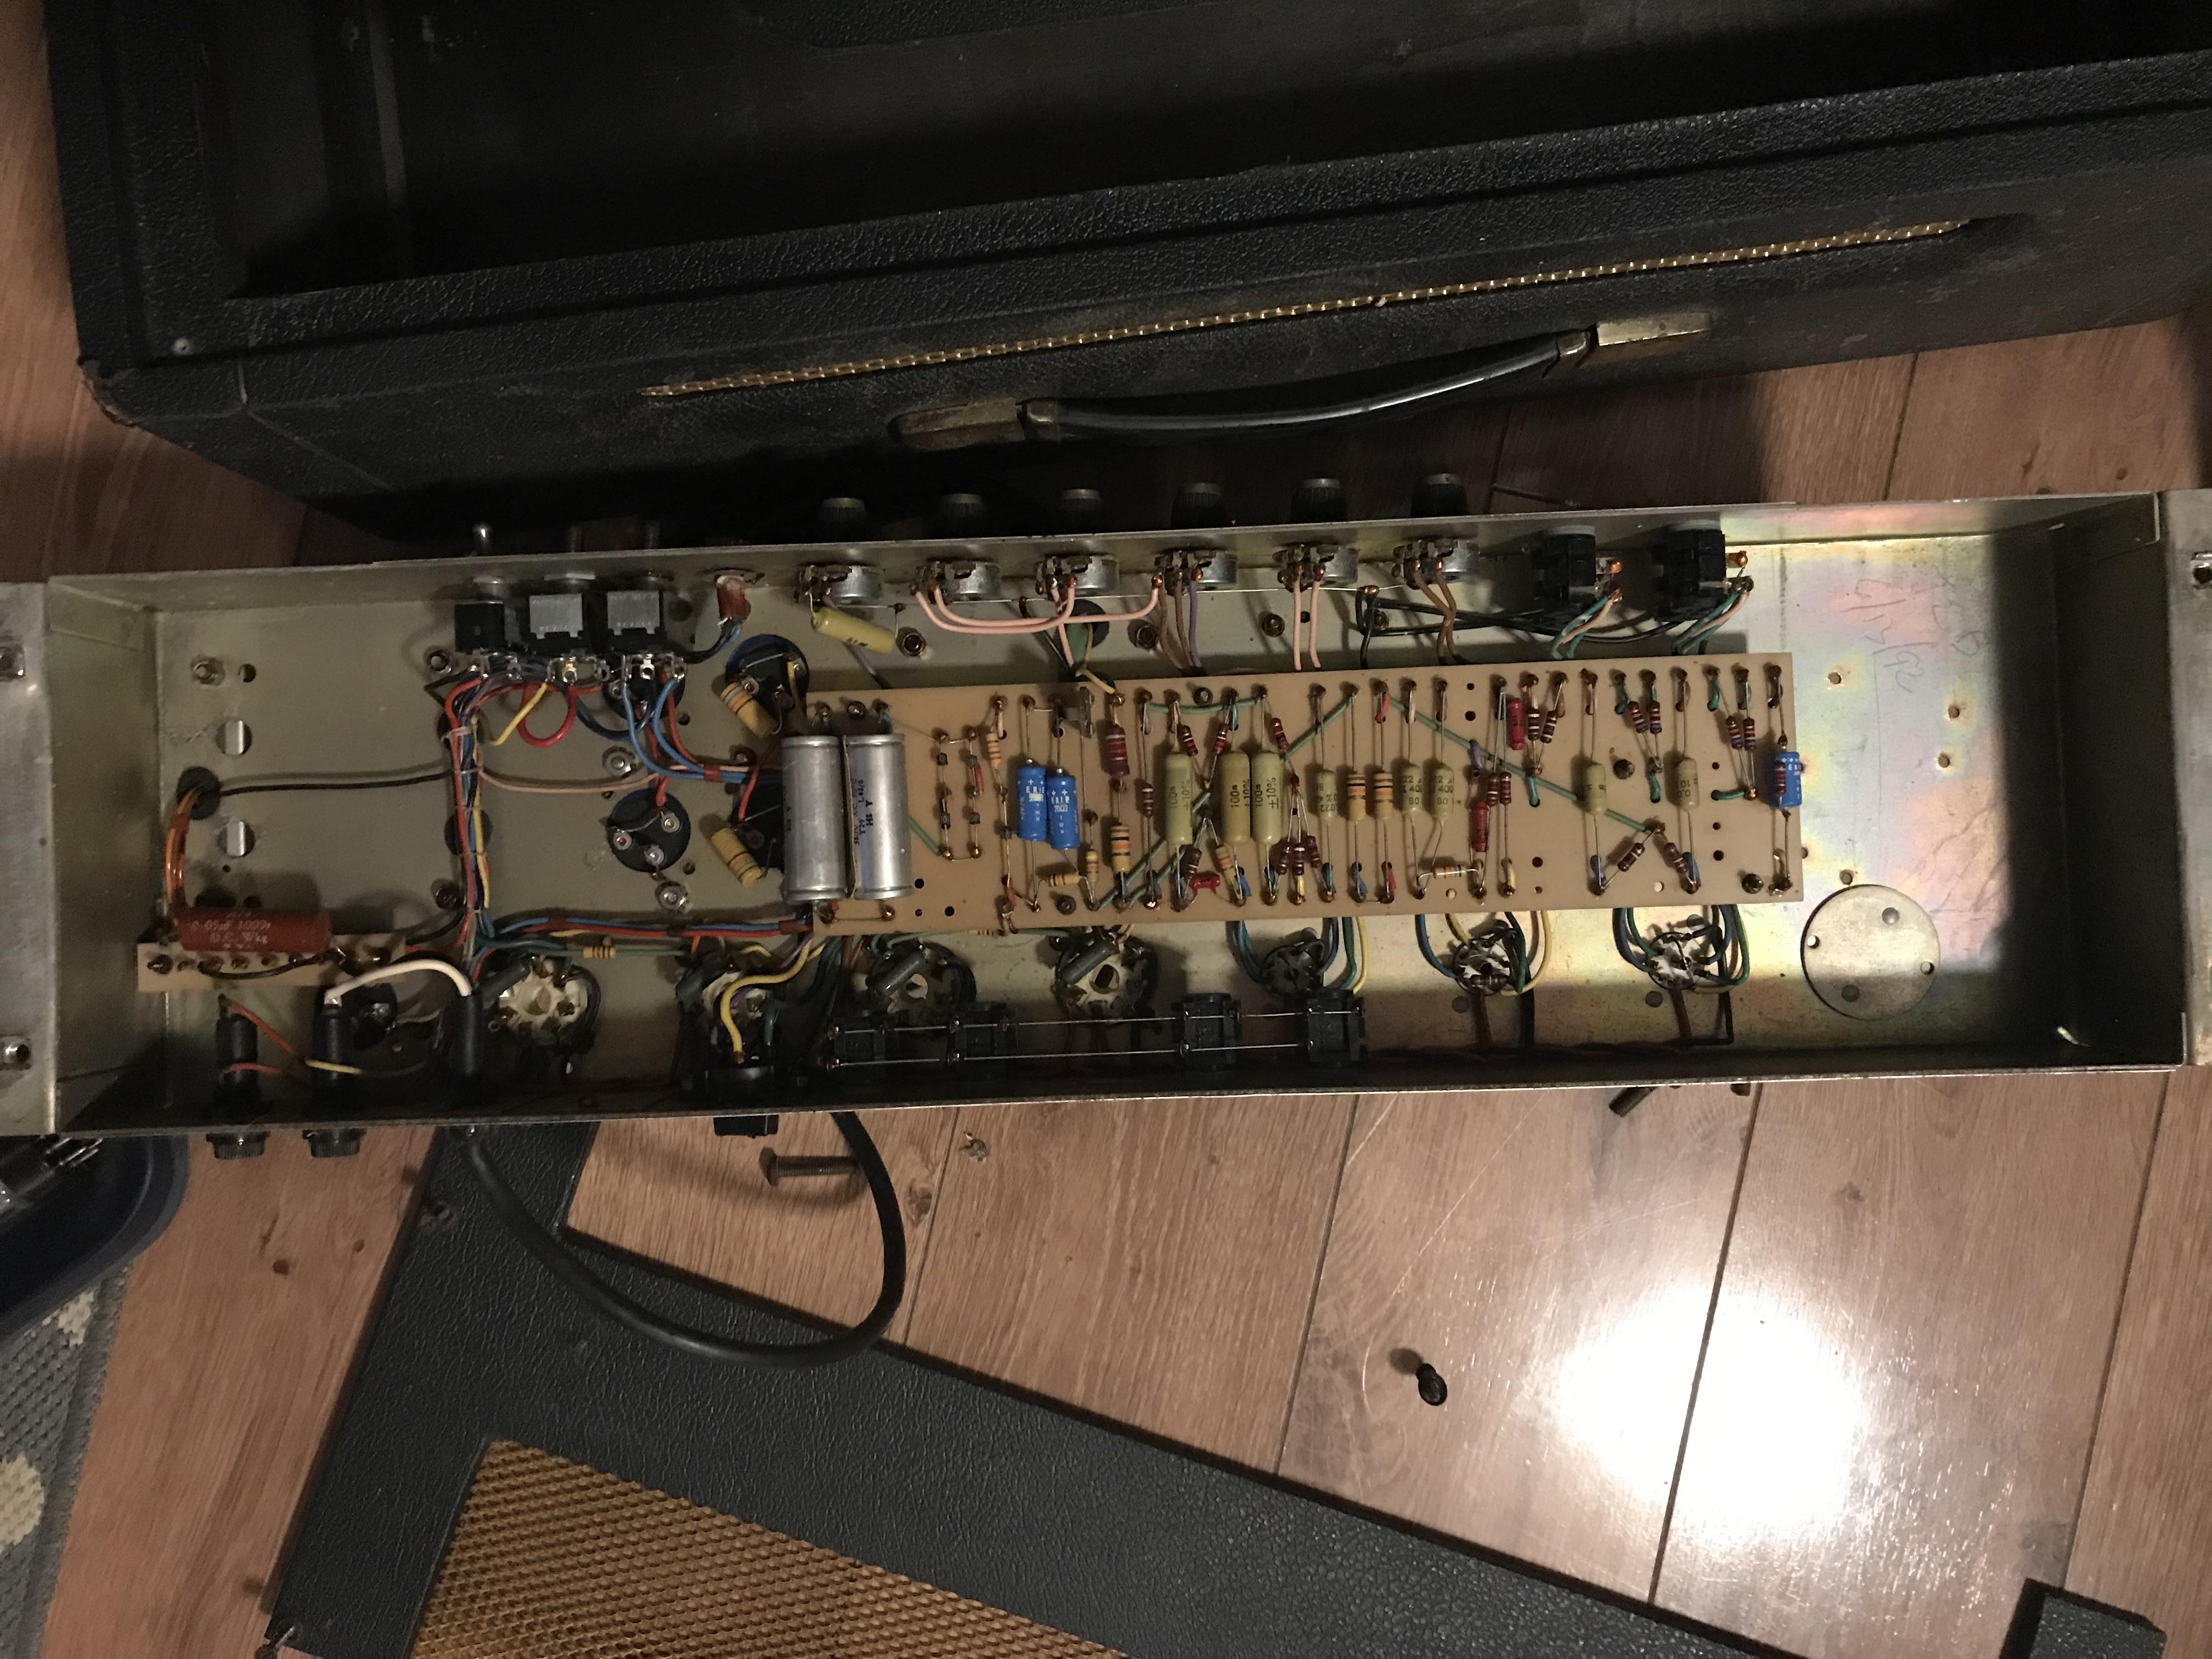 CEA50DEF-BBBC-4D5F-A25A-70E4006DC9CE.jpeg